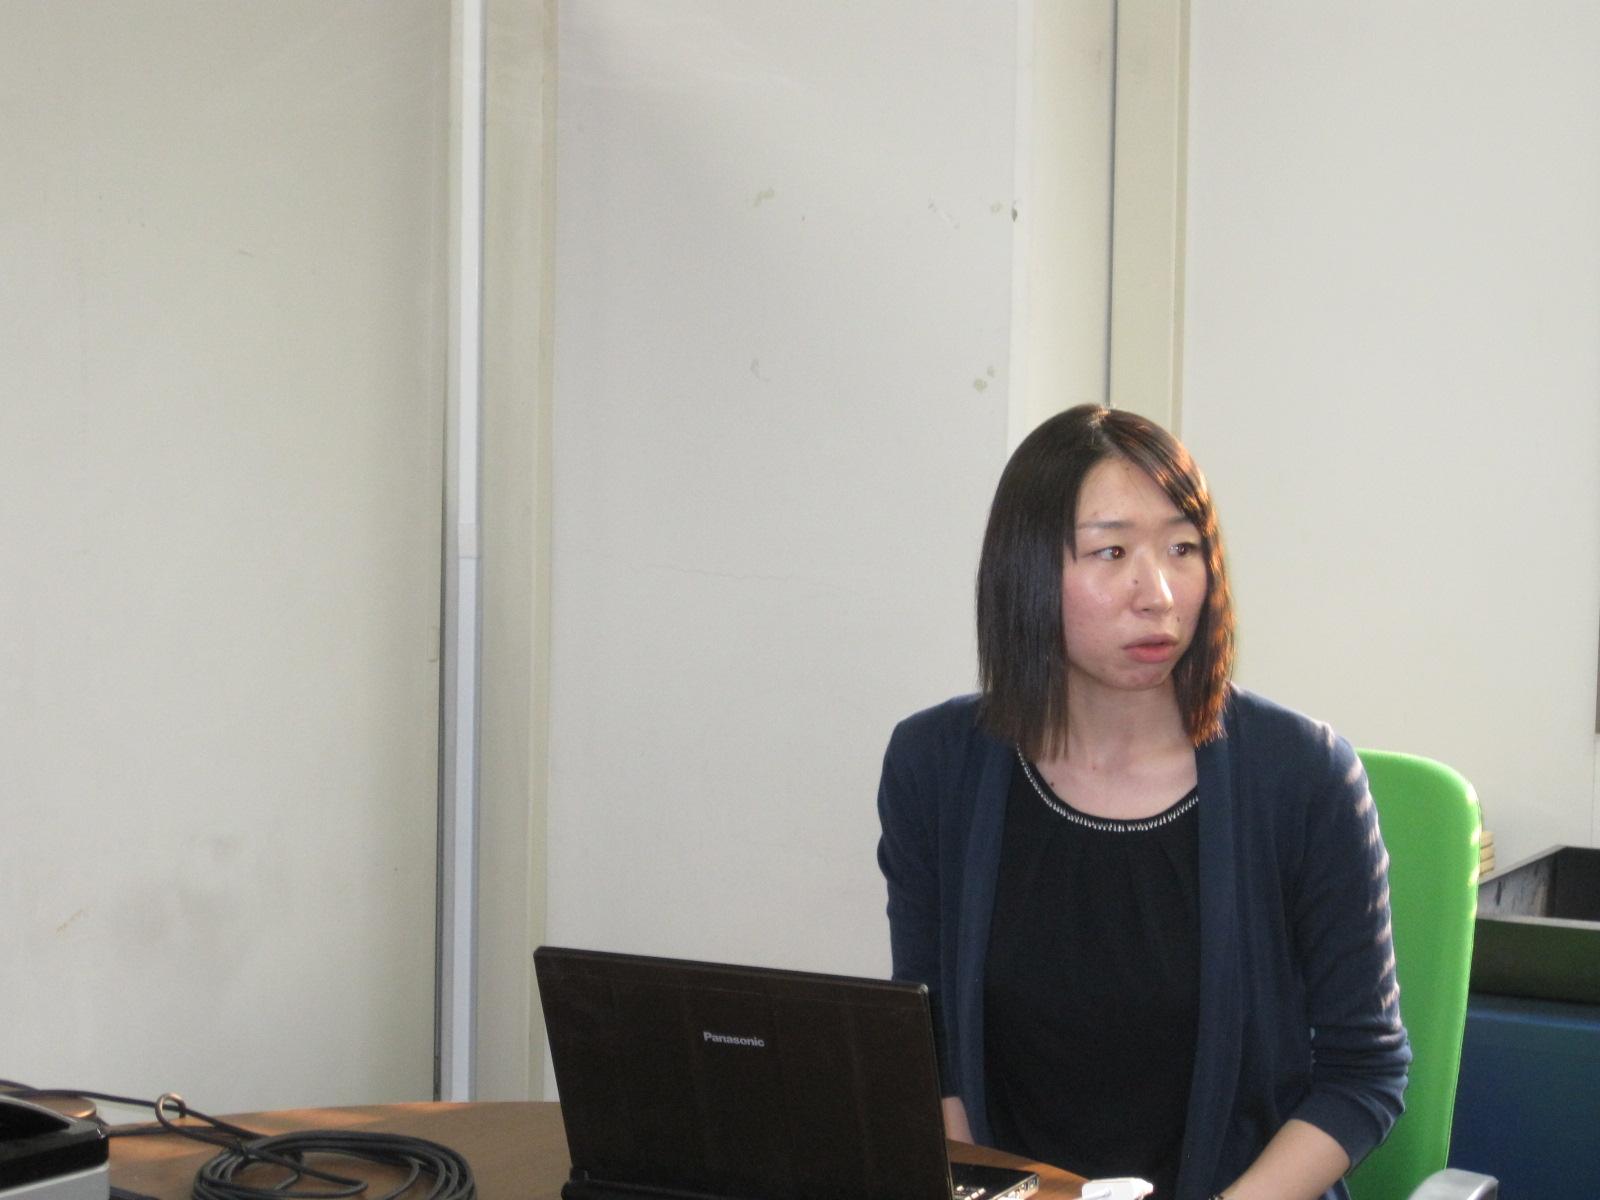 一人目の講演者:坂井麻里恵さん